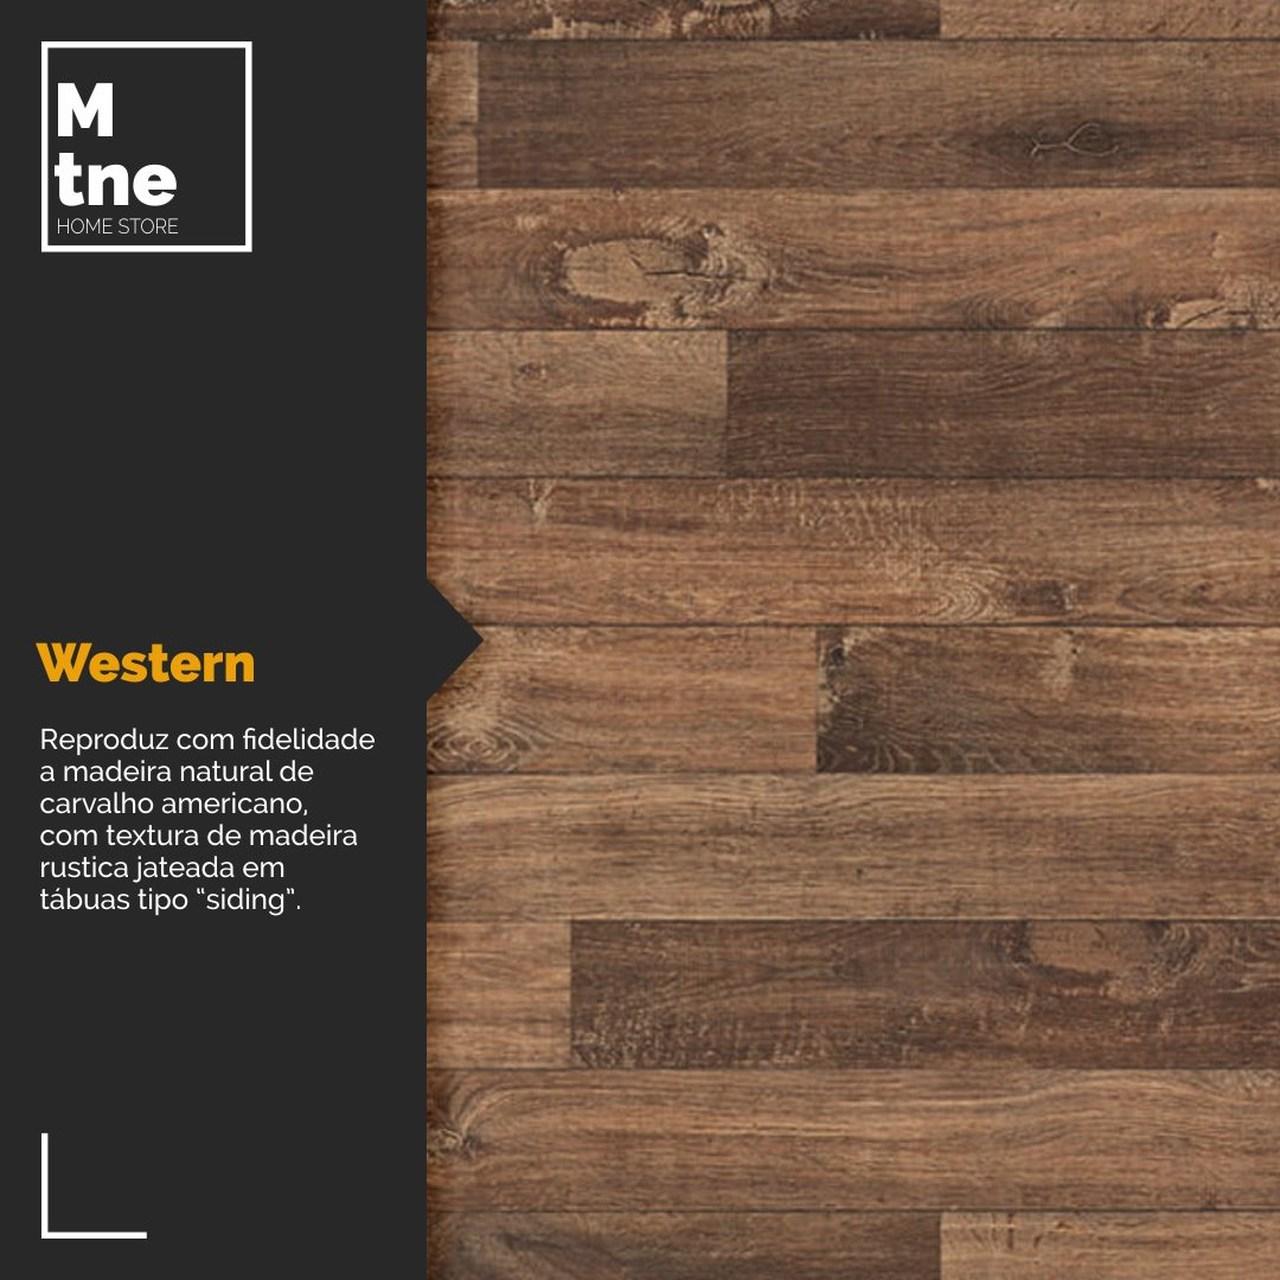 Mesa de Jantar Western 80x90 com Hairpin Legs e Tampo 100% MDF (Não acompanham cadeiras)  - Mtne Store